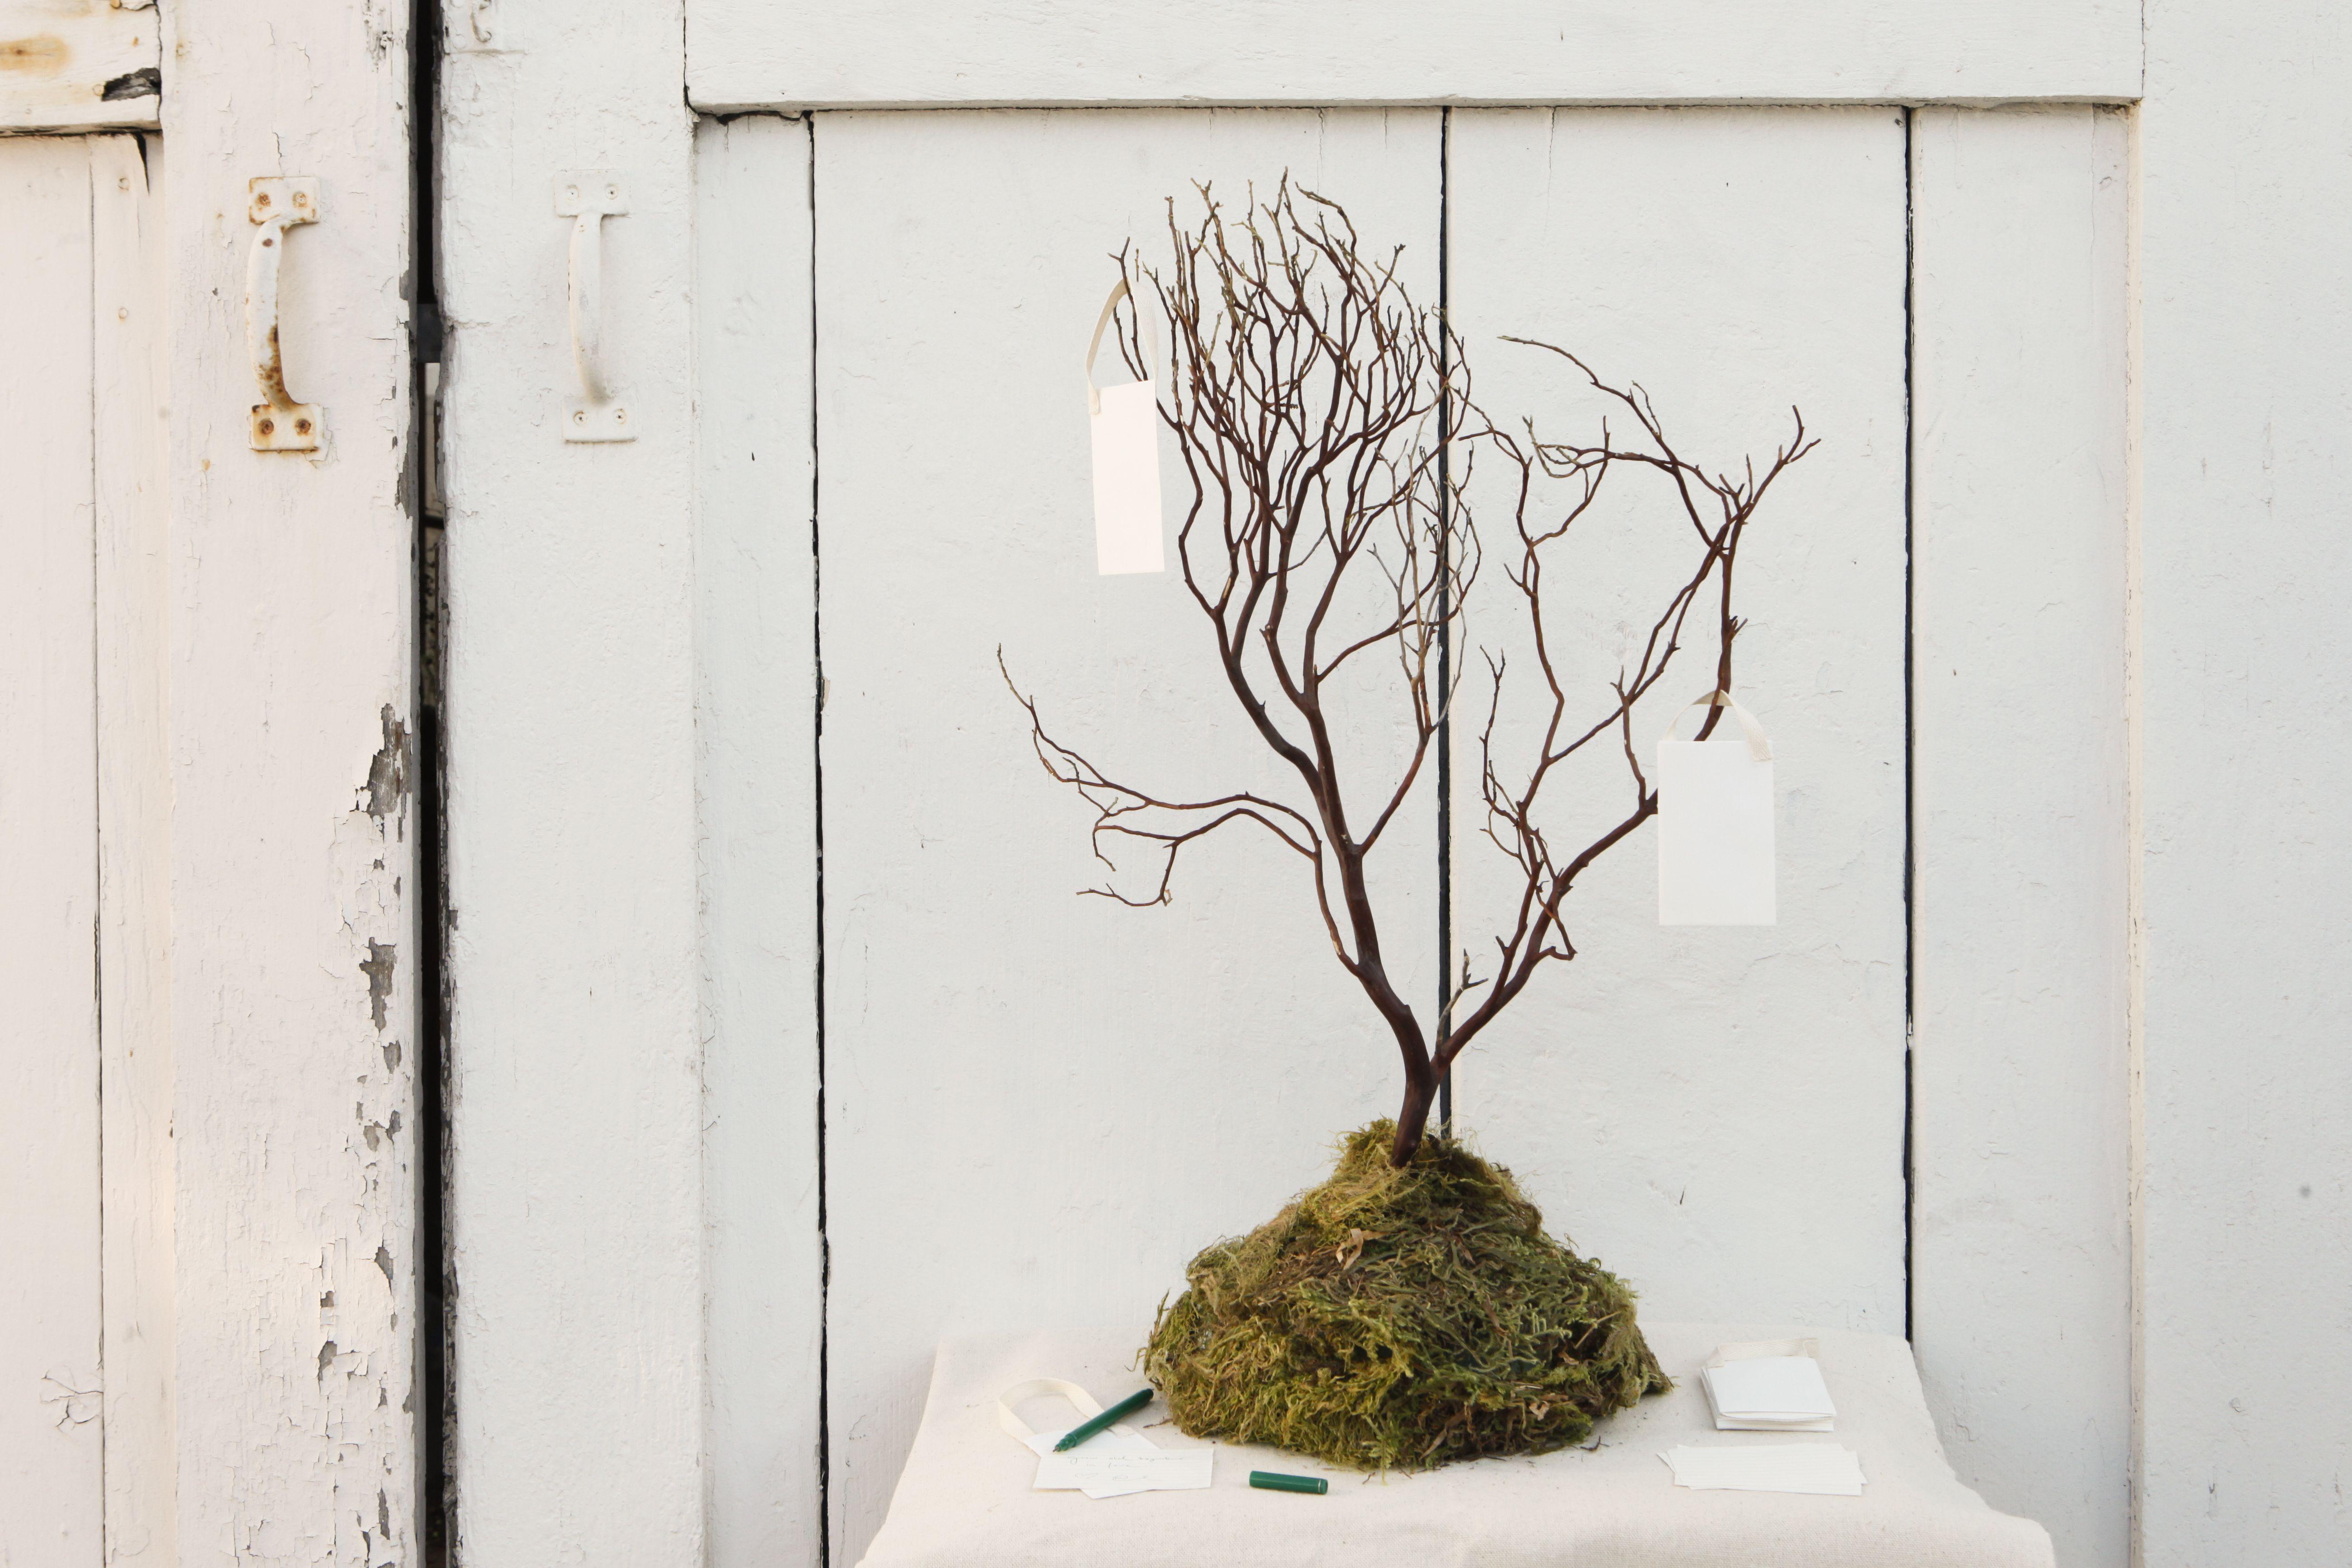 DIY Rustic Wedding - DIY Wedding Ideas, Invitations, Flowers for a ...